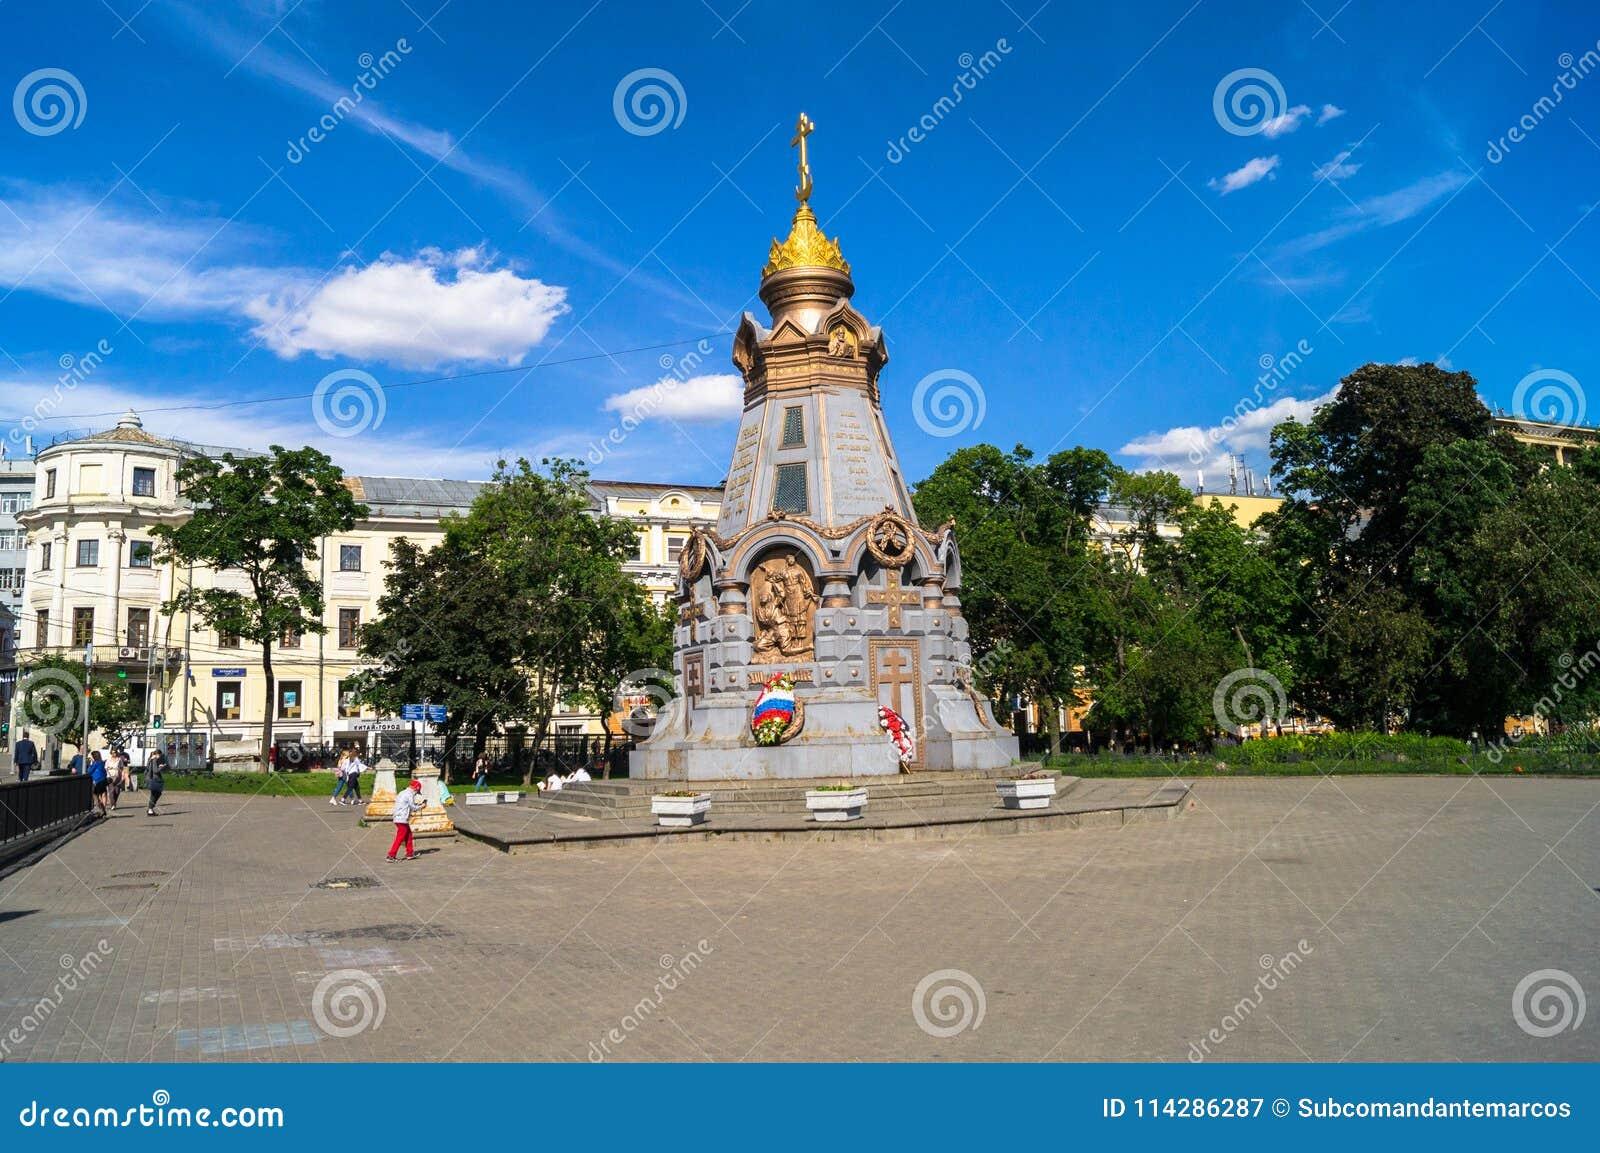 Herdenkingskapel aan de Russische Grenadiers, bevrijders van Plevna-stad moskou Rusland